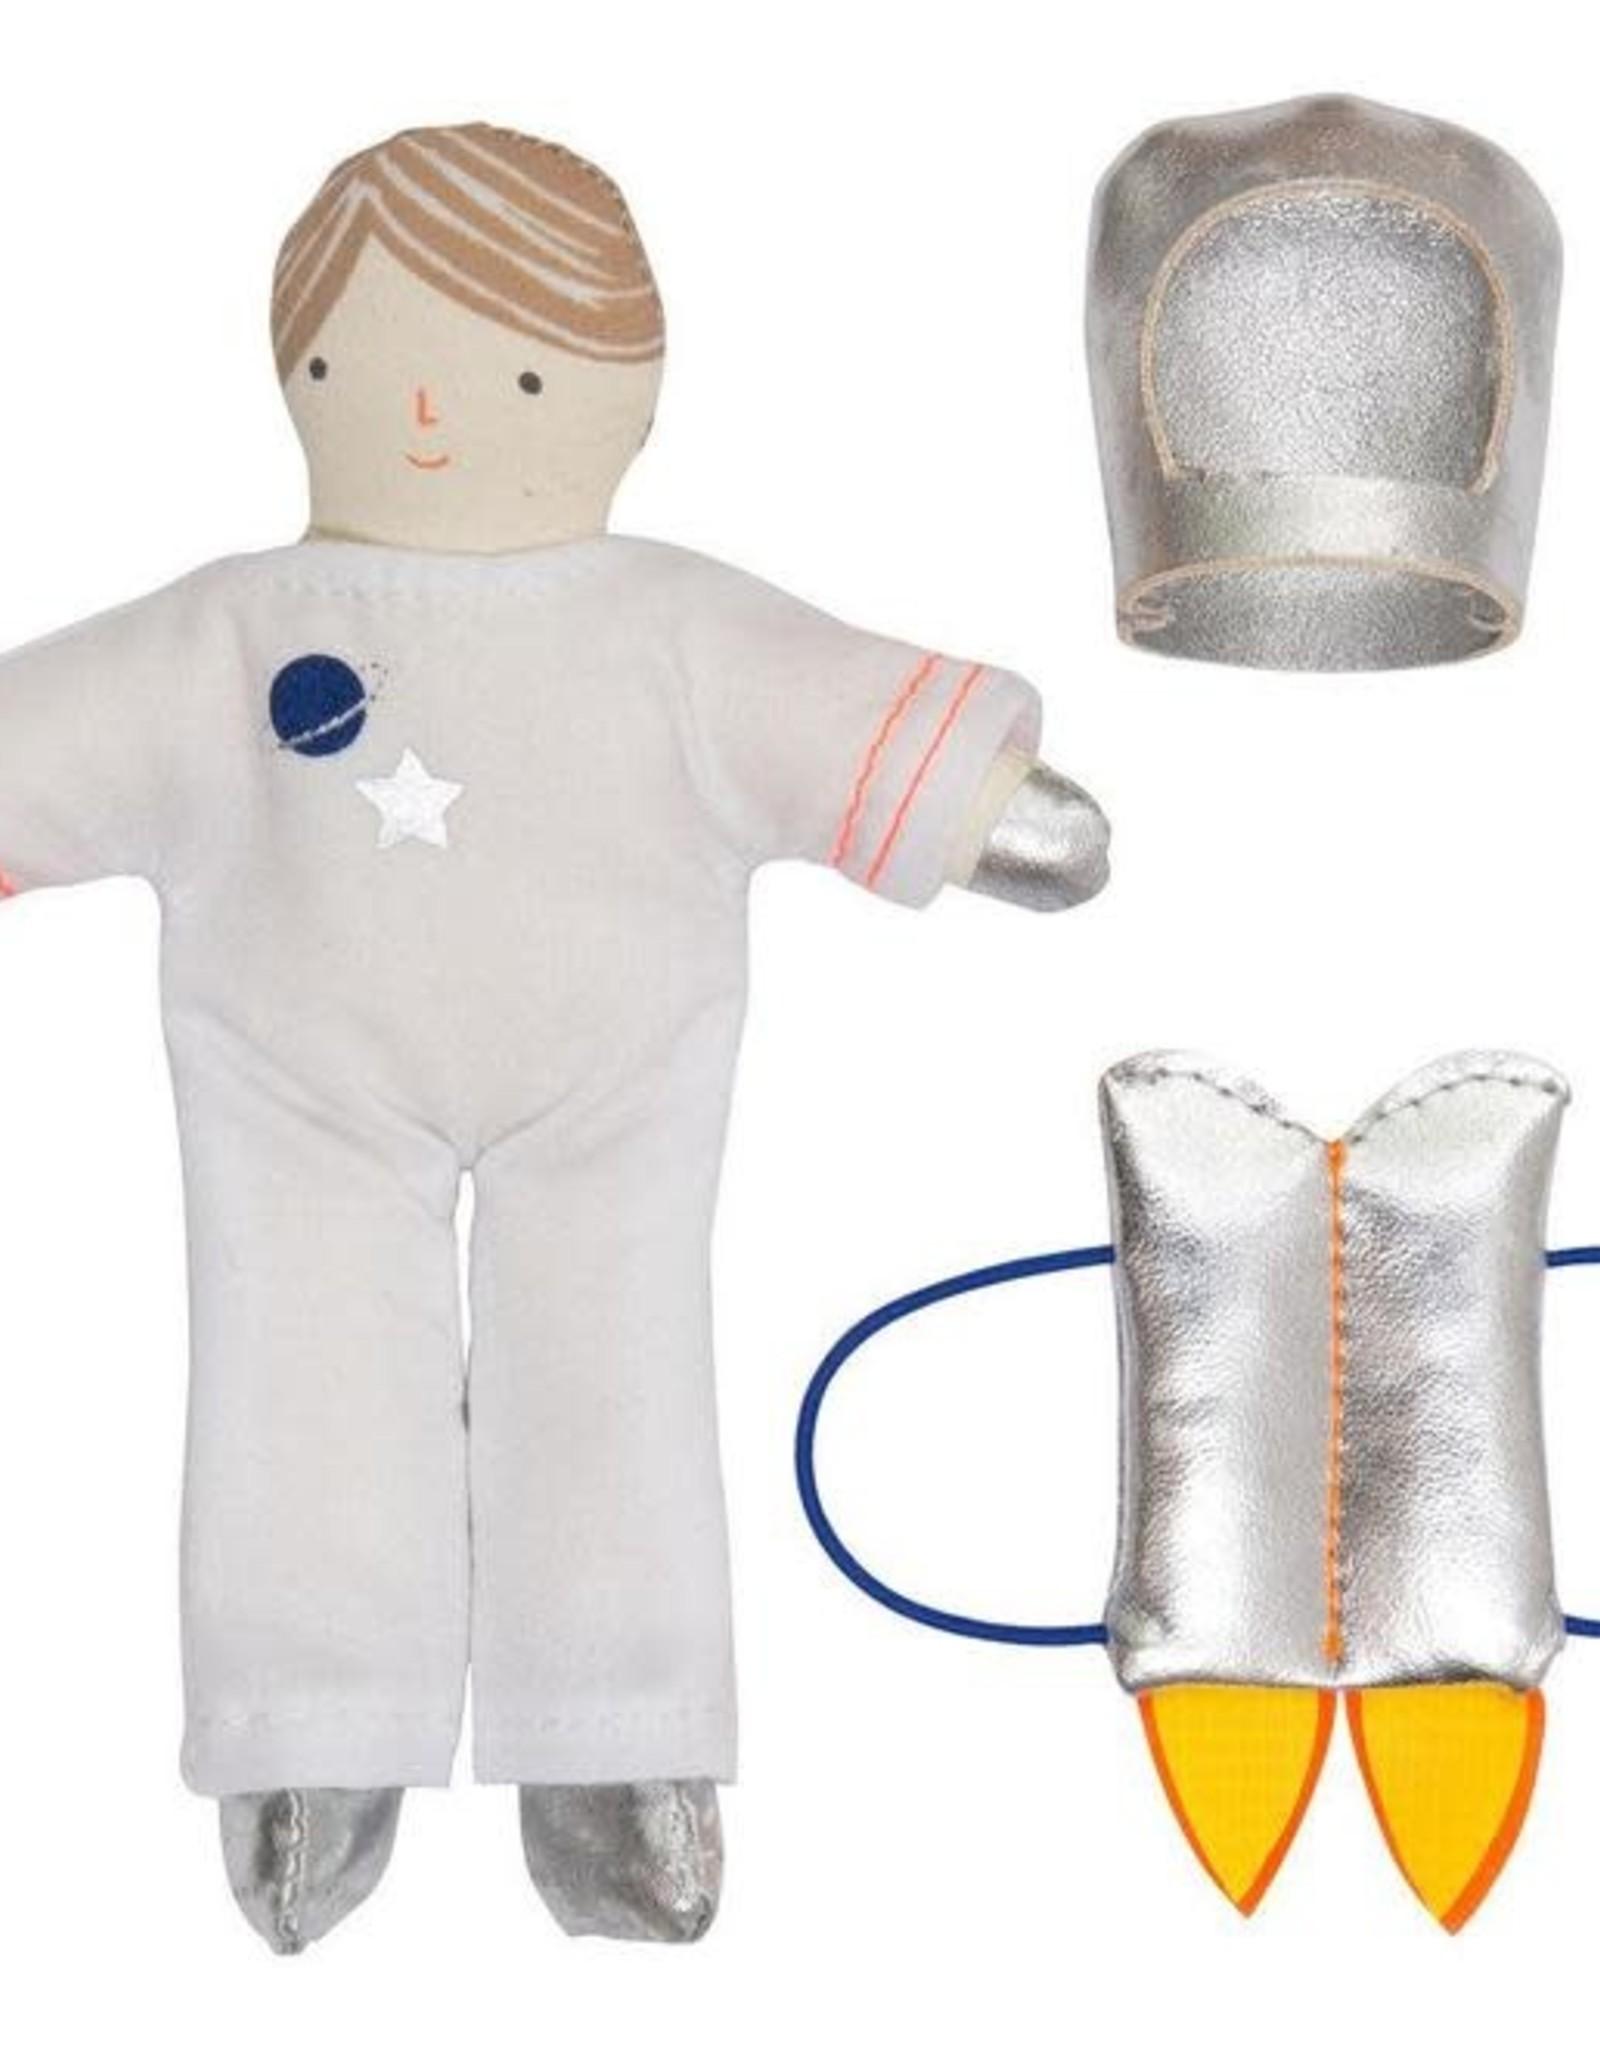 Meri Meri Sam's House Mini Astronaut Suitcase